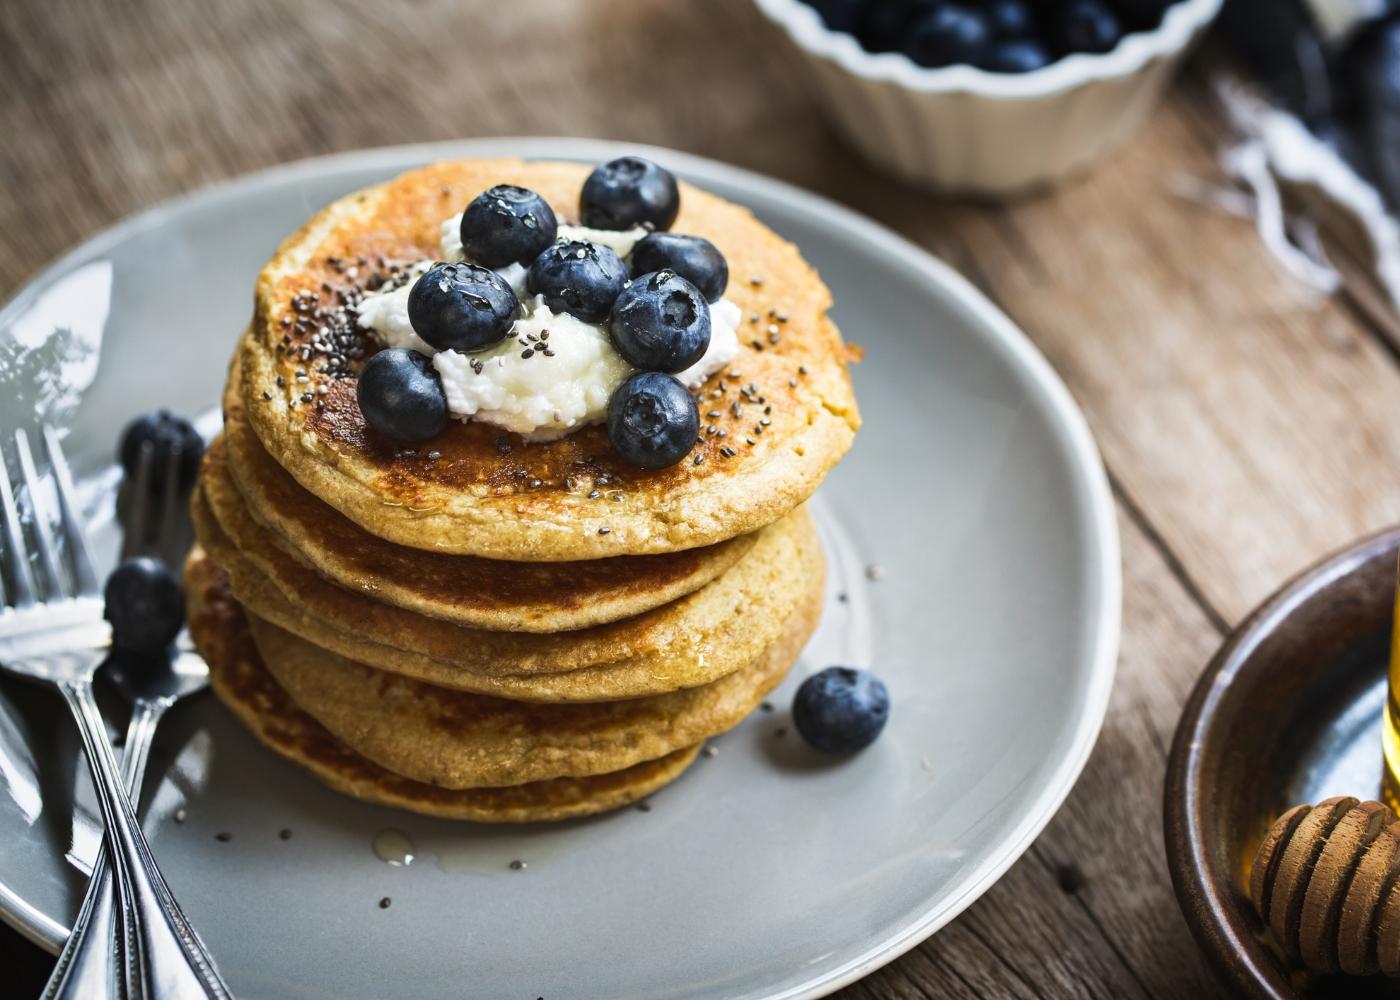 receitas de panquecas sem glúten e lactose